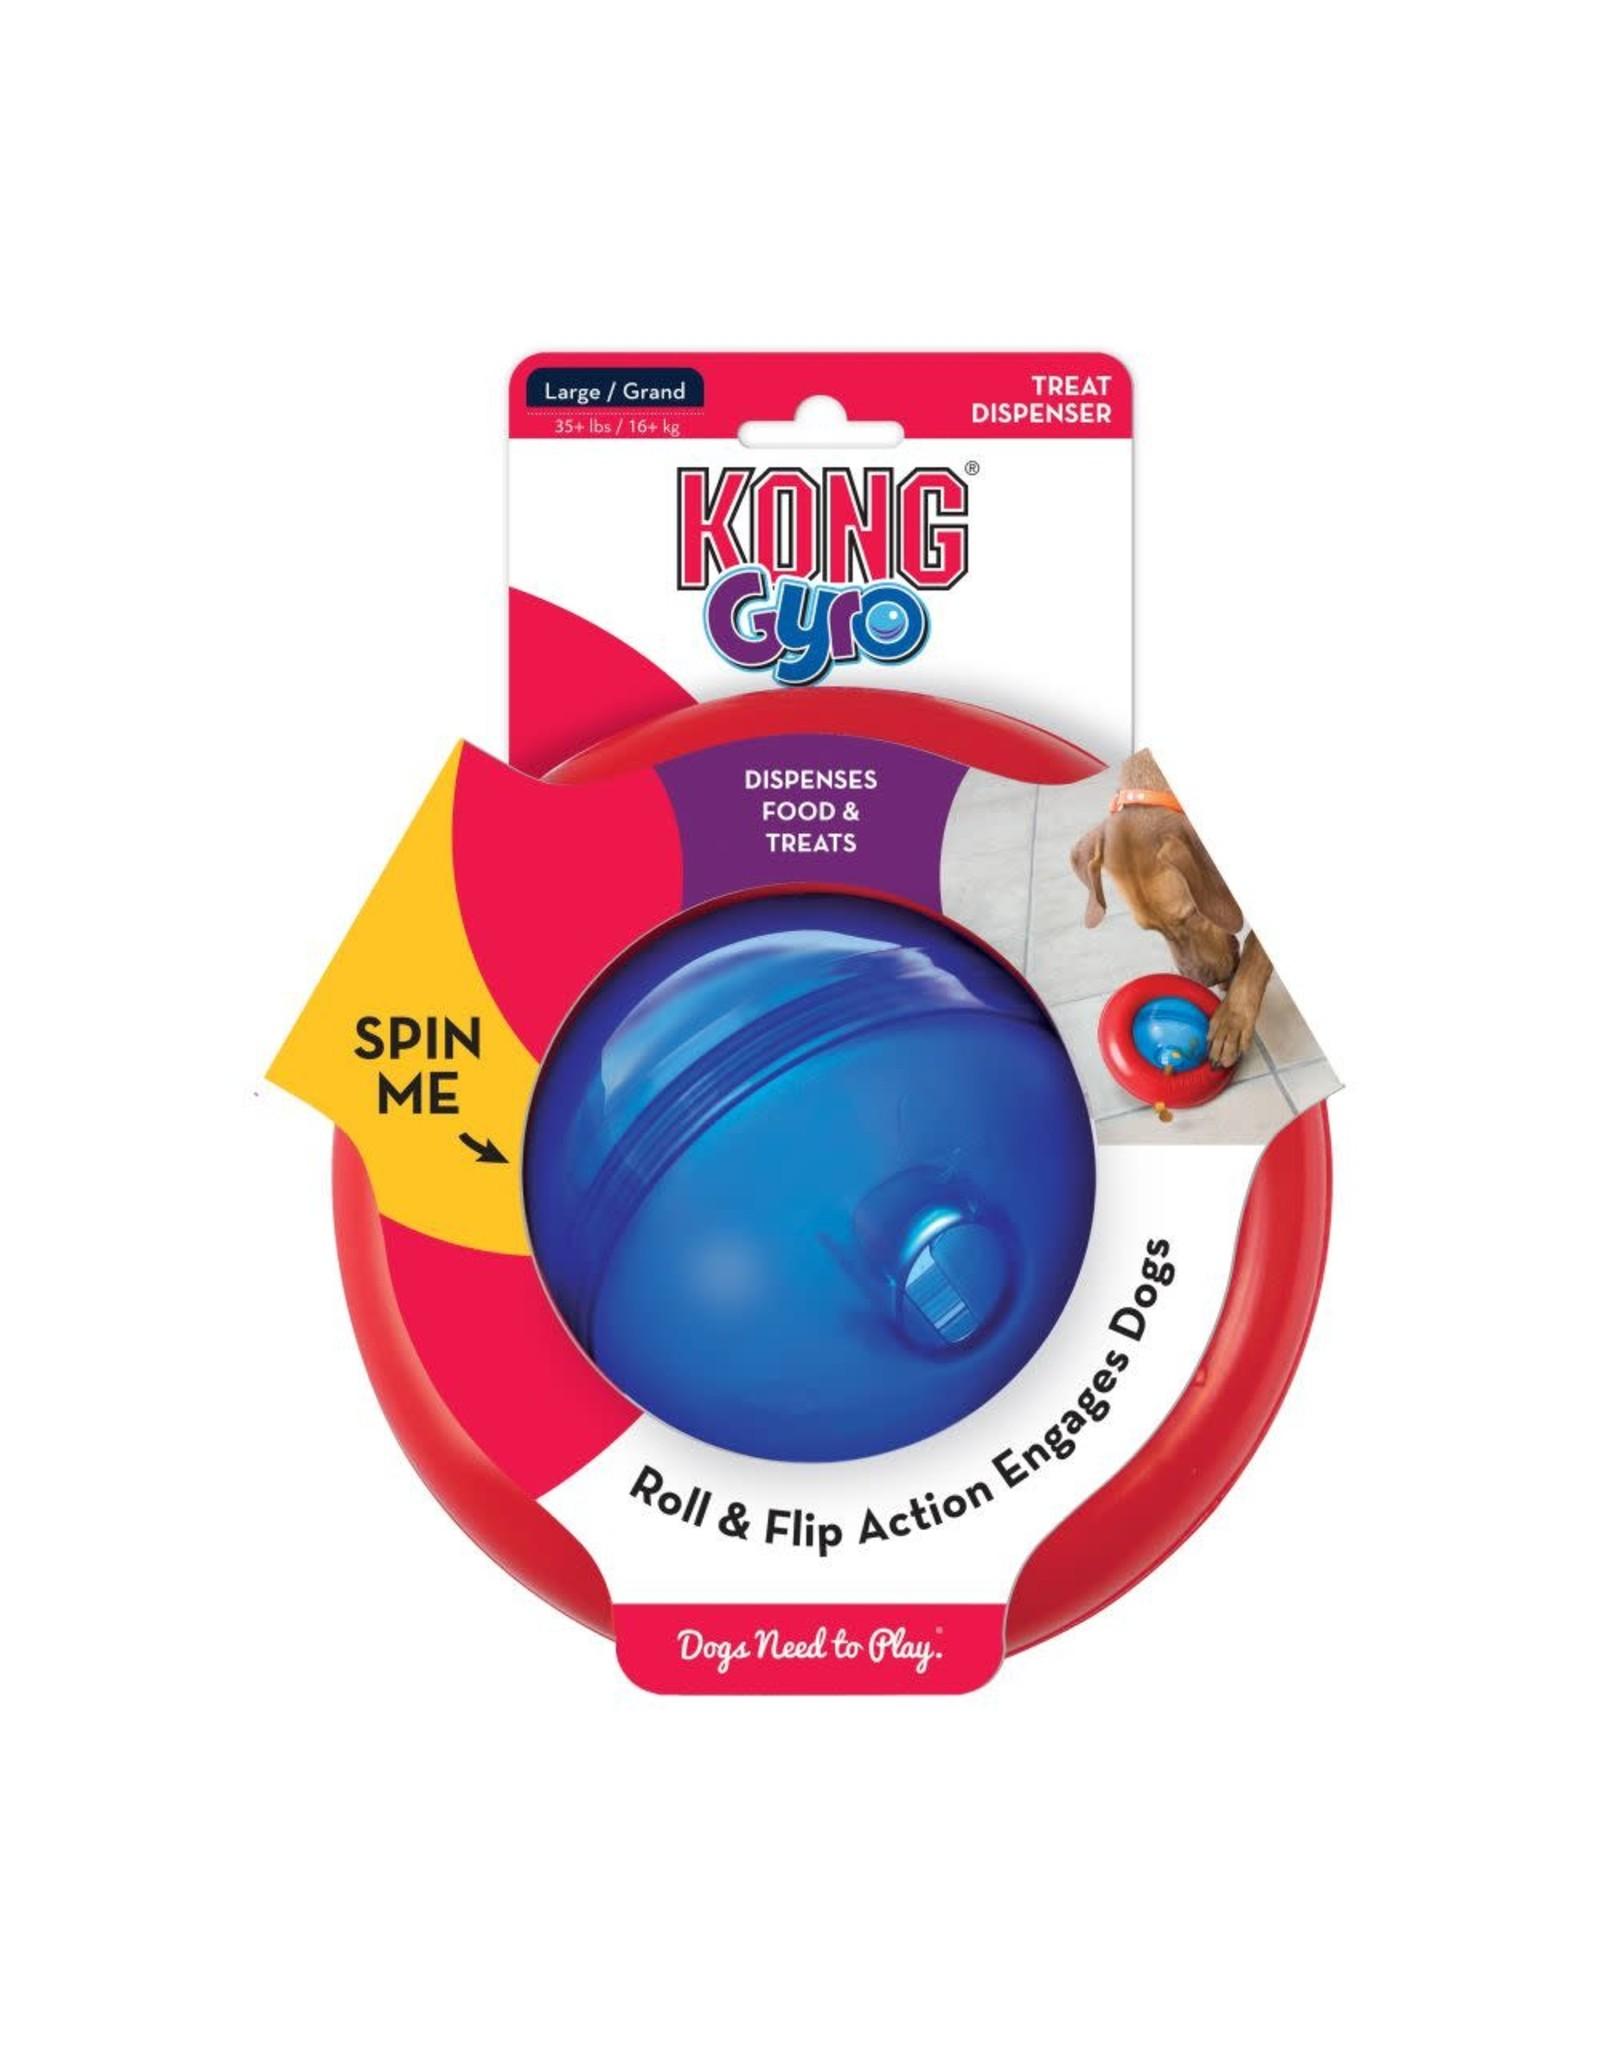 KONG KONG - Interactive - Gyro Food/Treat Dispenser L